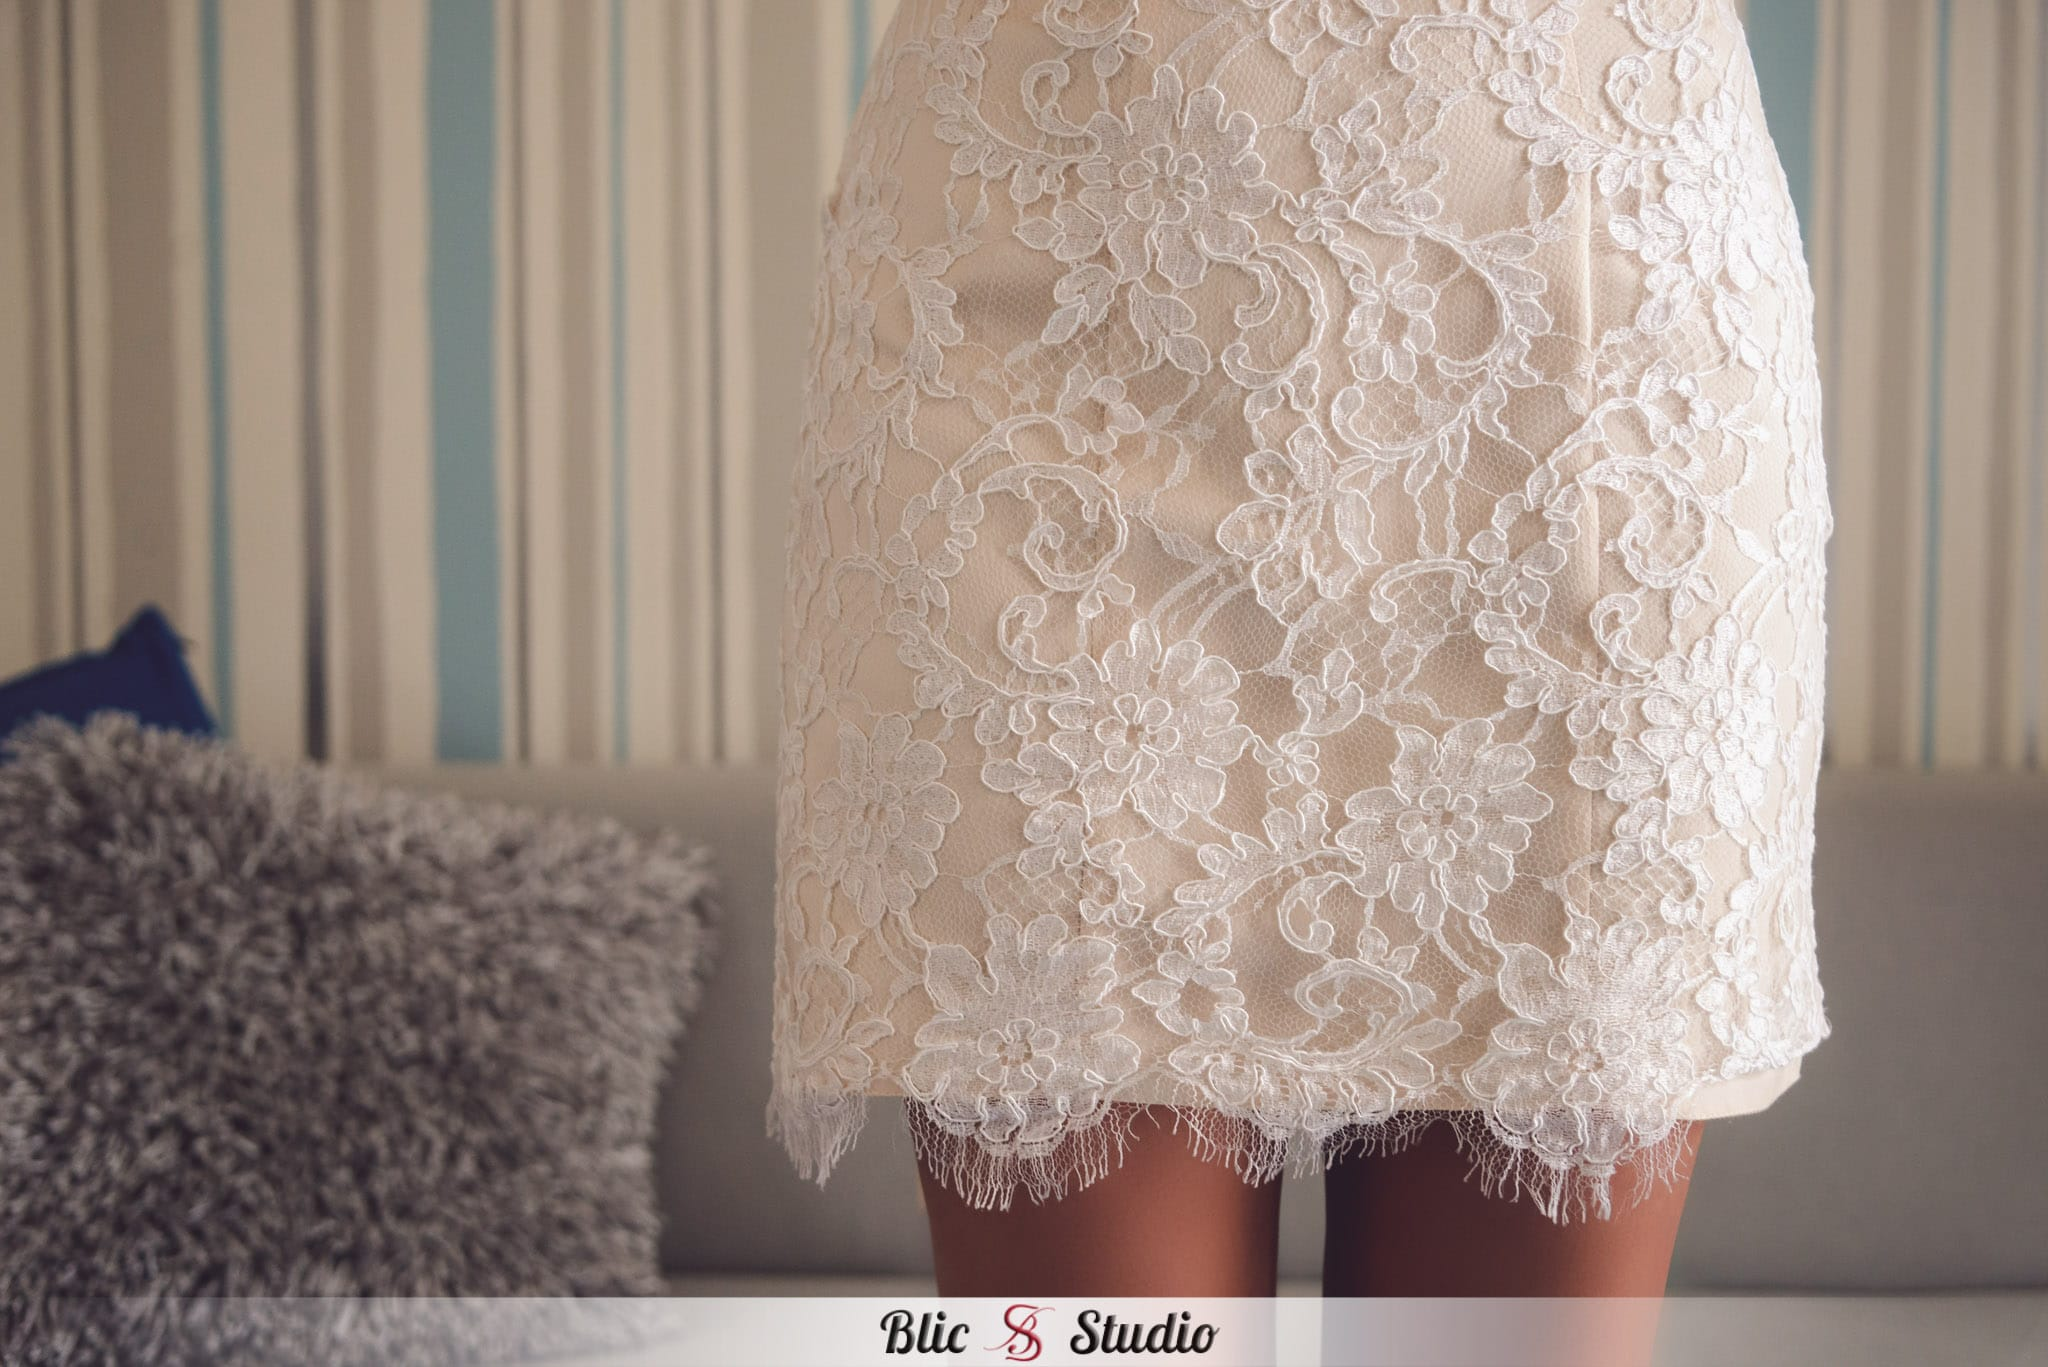 Fotograf_za_vjenčanje_foto_studio_blic_marincel (20)